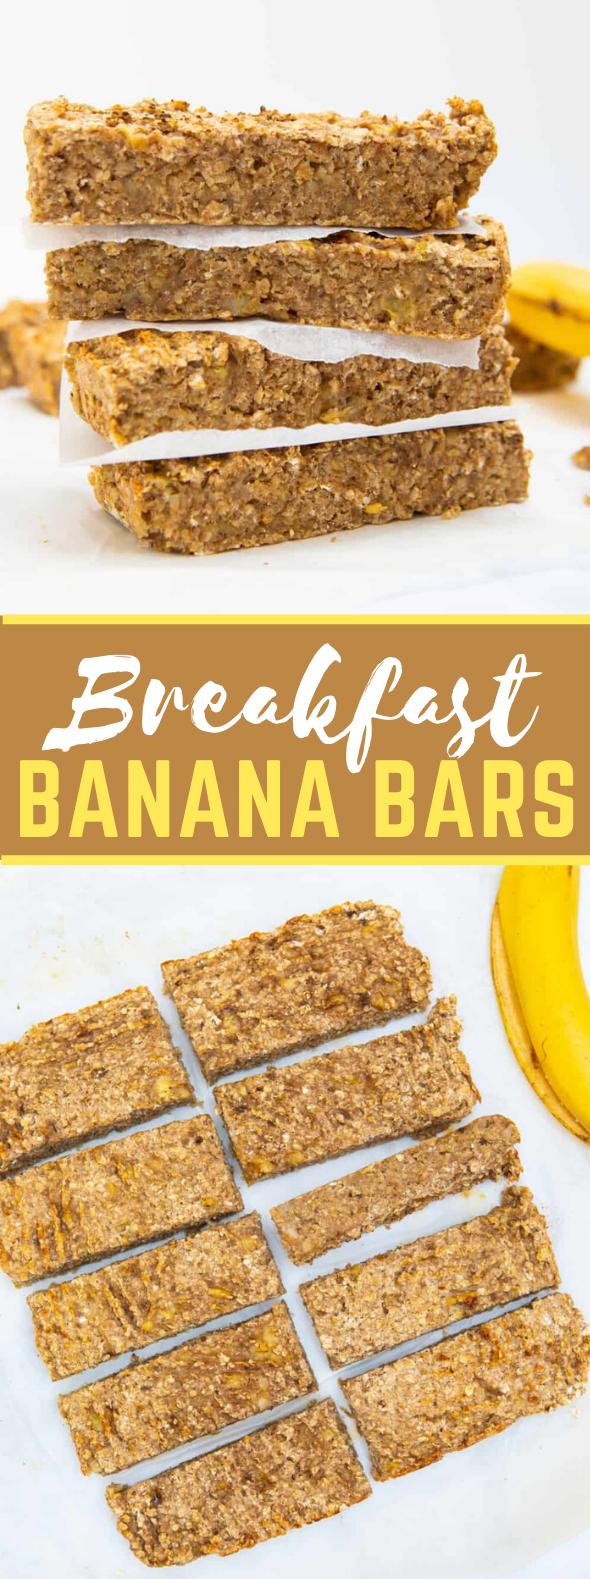 Breakfast Banana Bars #healthy #glutenfree